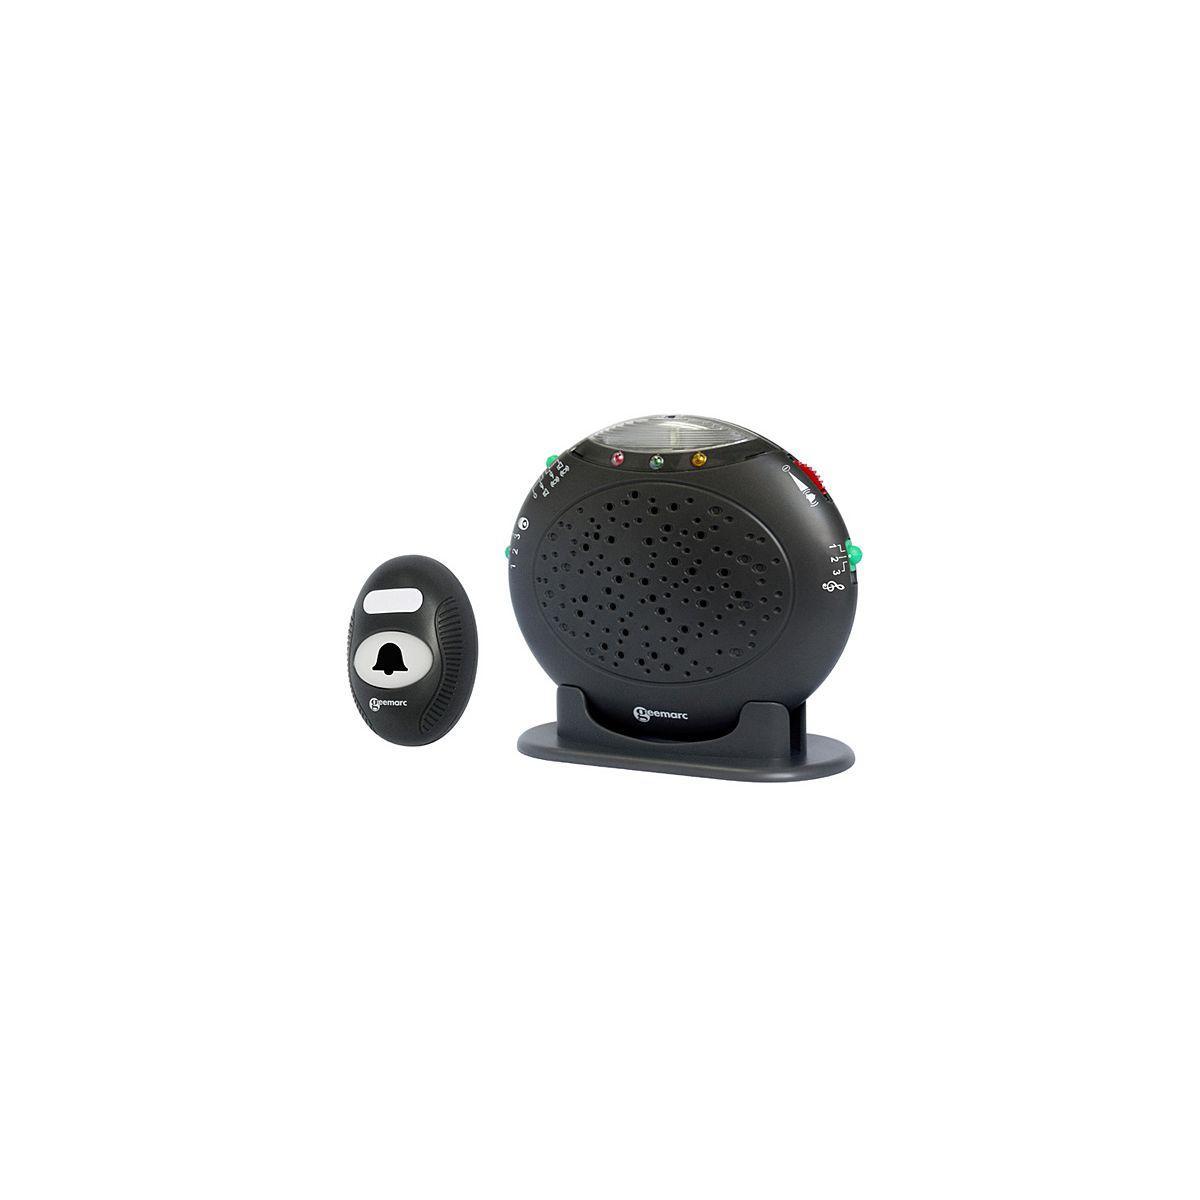 Accessoire aide auditive geemarc amplicall 20 noir - 7% de remise imm�diate avec le code : priv7 (photo)